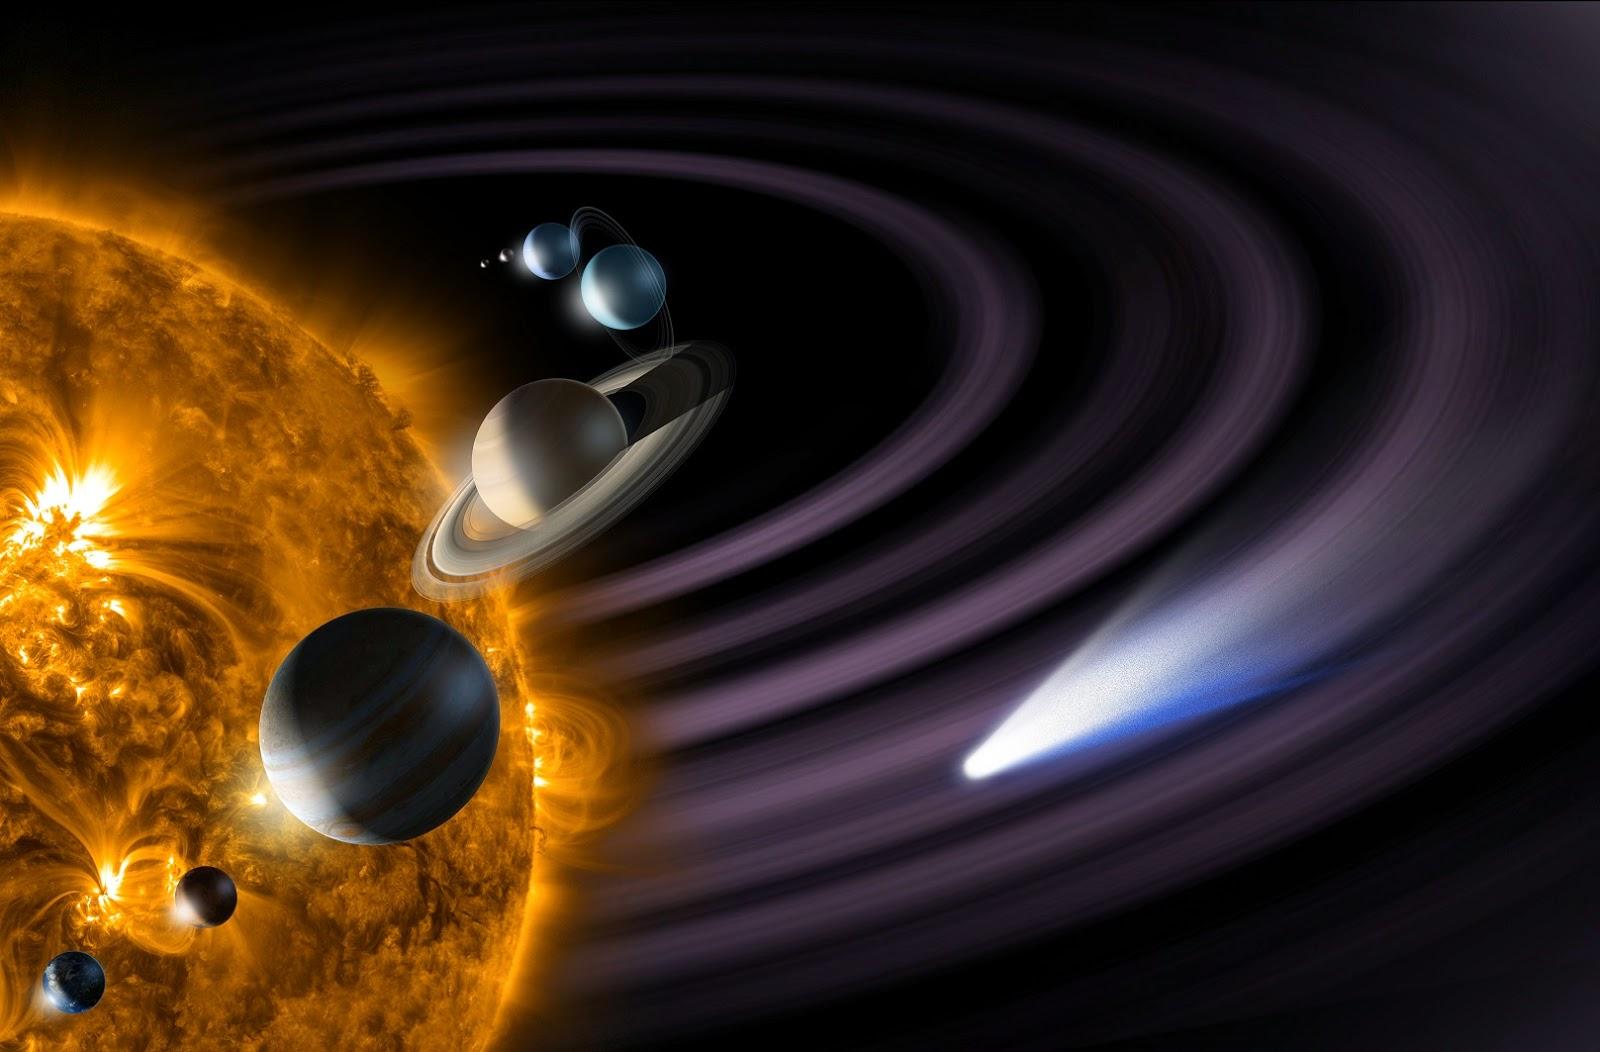 التنقل عبر النظام الشمسي